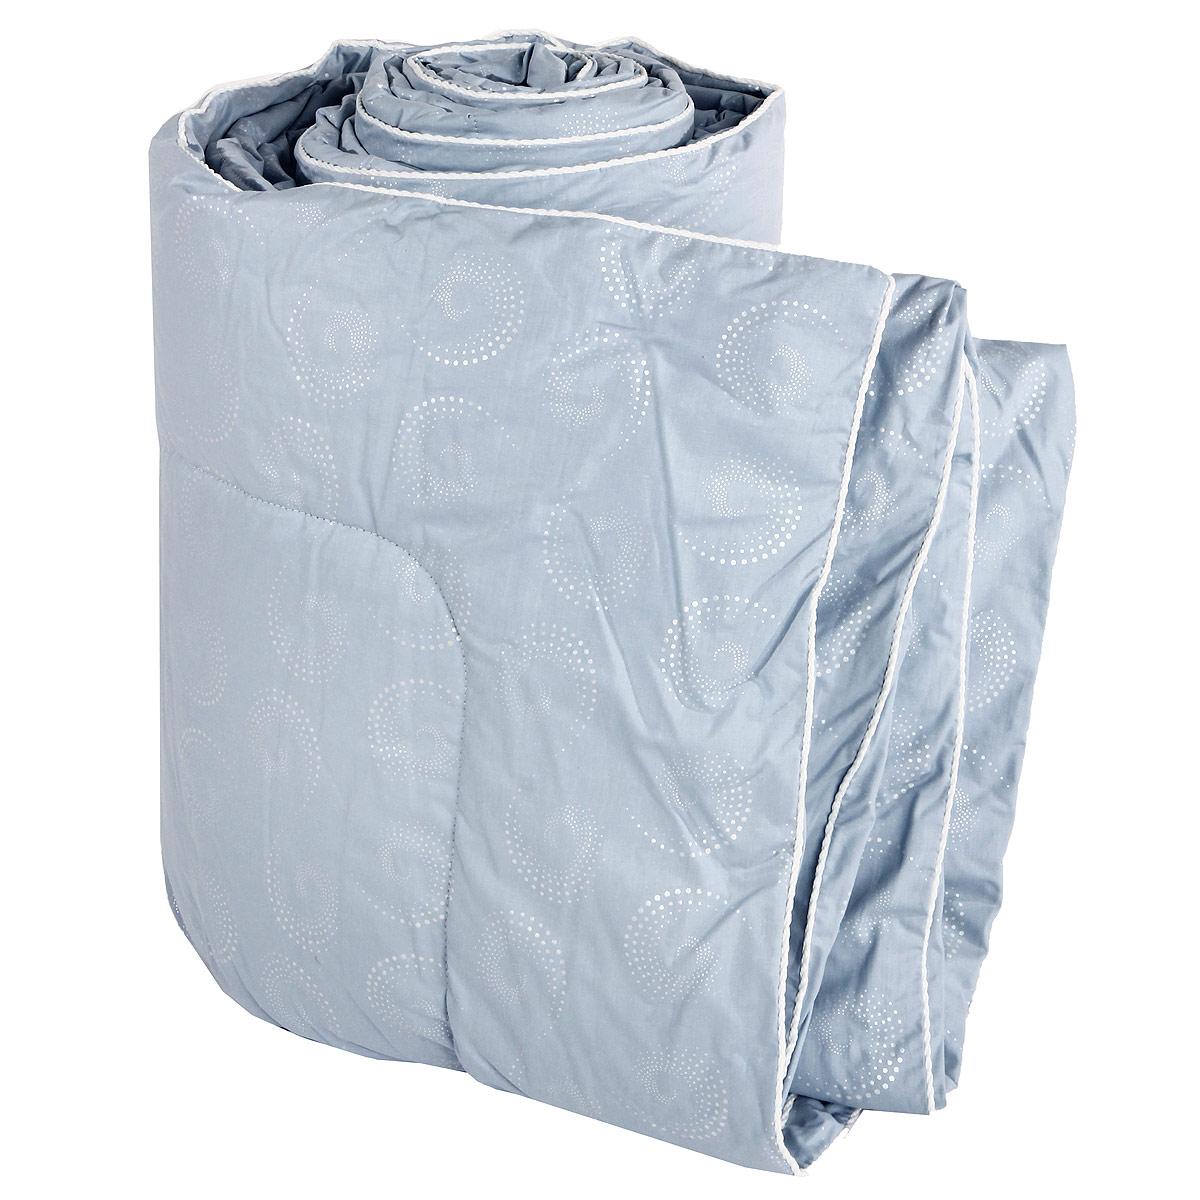 Одеяло Dargez Прима, наполнитель: пух, 200 см х 220 см в ассортименте26340ПОдеяло Dargez Прима представляет собой стеганый чехол из натурального хлопка с пуховым наполнителем. Особенности одеяла Dargez Прима:натуральное и экологически чистое;обладает легкостью и уникальными теплозащитными свойствами;создает оптимальный температурный режим;обладает высокой гигроскопичностью: хорошо впитывает и испаряет влагу;имеет высокою воздухопроницаемостью: позволяет телу дышать;обладает мягкостью и объемом. Одеяло упаковано в прозрачный пластиковый чехол на молнии с ручкой, что является чрезвычайно удобным при переноске. Характеристики: Материал чехла: перкаль набивной пуходержащий (100% хлопок). Наполнитель: пух первой категории. Размер: 200 см х 220 см. Масса наполнителя: 0,9 кг. Артикул: 26340П. Торговый Дом Даргез был образован в 1991 году на базе нескольких компаний, занимавшихся производством и продажей постельных принадлежностей и поставками за рубеж пухоперового сырья. Благодаря опыту, накопленным знаниям, стремлению к инновациям и развитию за 19 лет компания смогла стать крупнейшим производителем домашнего текстиля на территории Российской Федерации.В основу деятельности Торгового Дома Даргез положено стремление предоставить покупателю широкий выбор высококачественных постельных принадлежностей и текстиля для дома, которые способны создавать наилучшие условия для комфортного и, что немаловажно, здорового сна и отдыха.